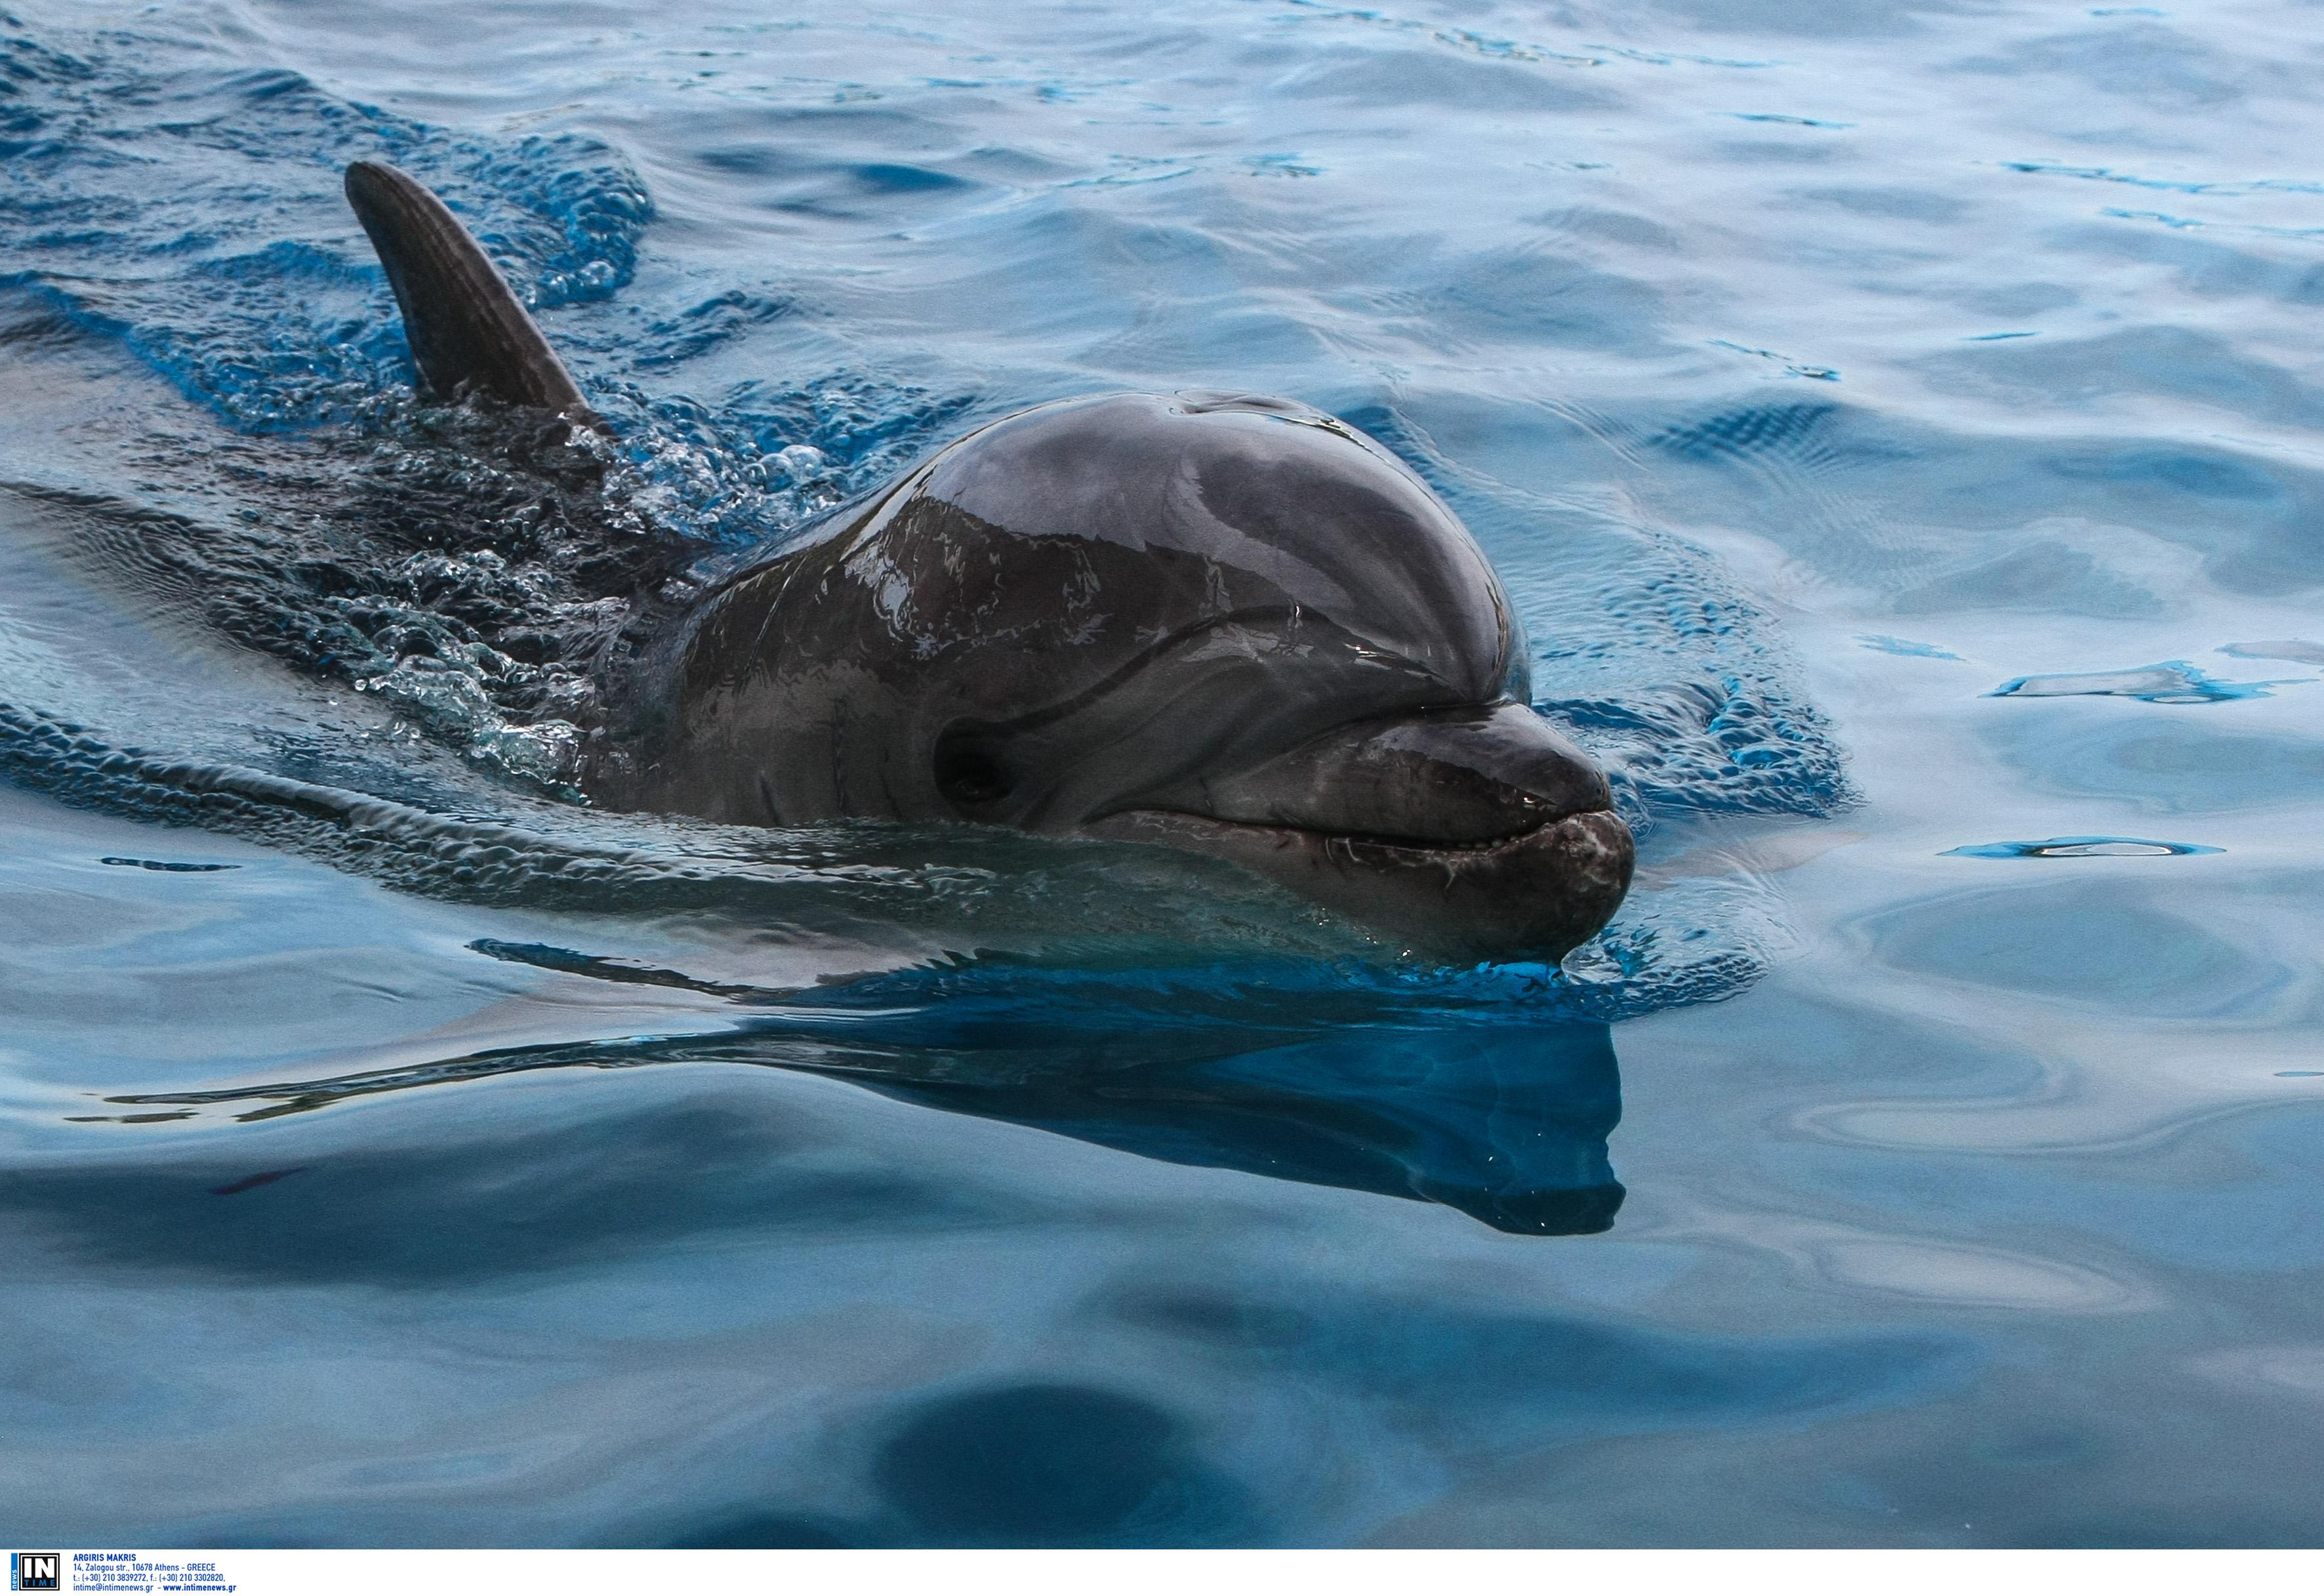 Ηλεία: Η θάλασσα ξέβρασε δύο φορές το ίδιο νεκρό δελφίνι! Η αδιαφορία που συνεχίζεται…